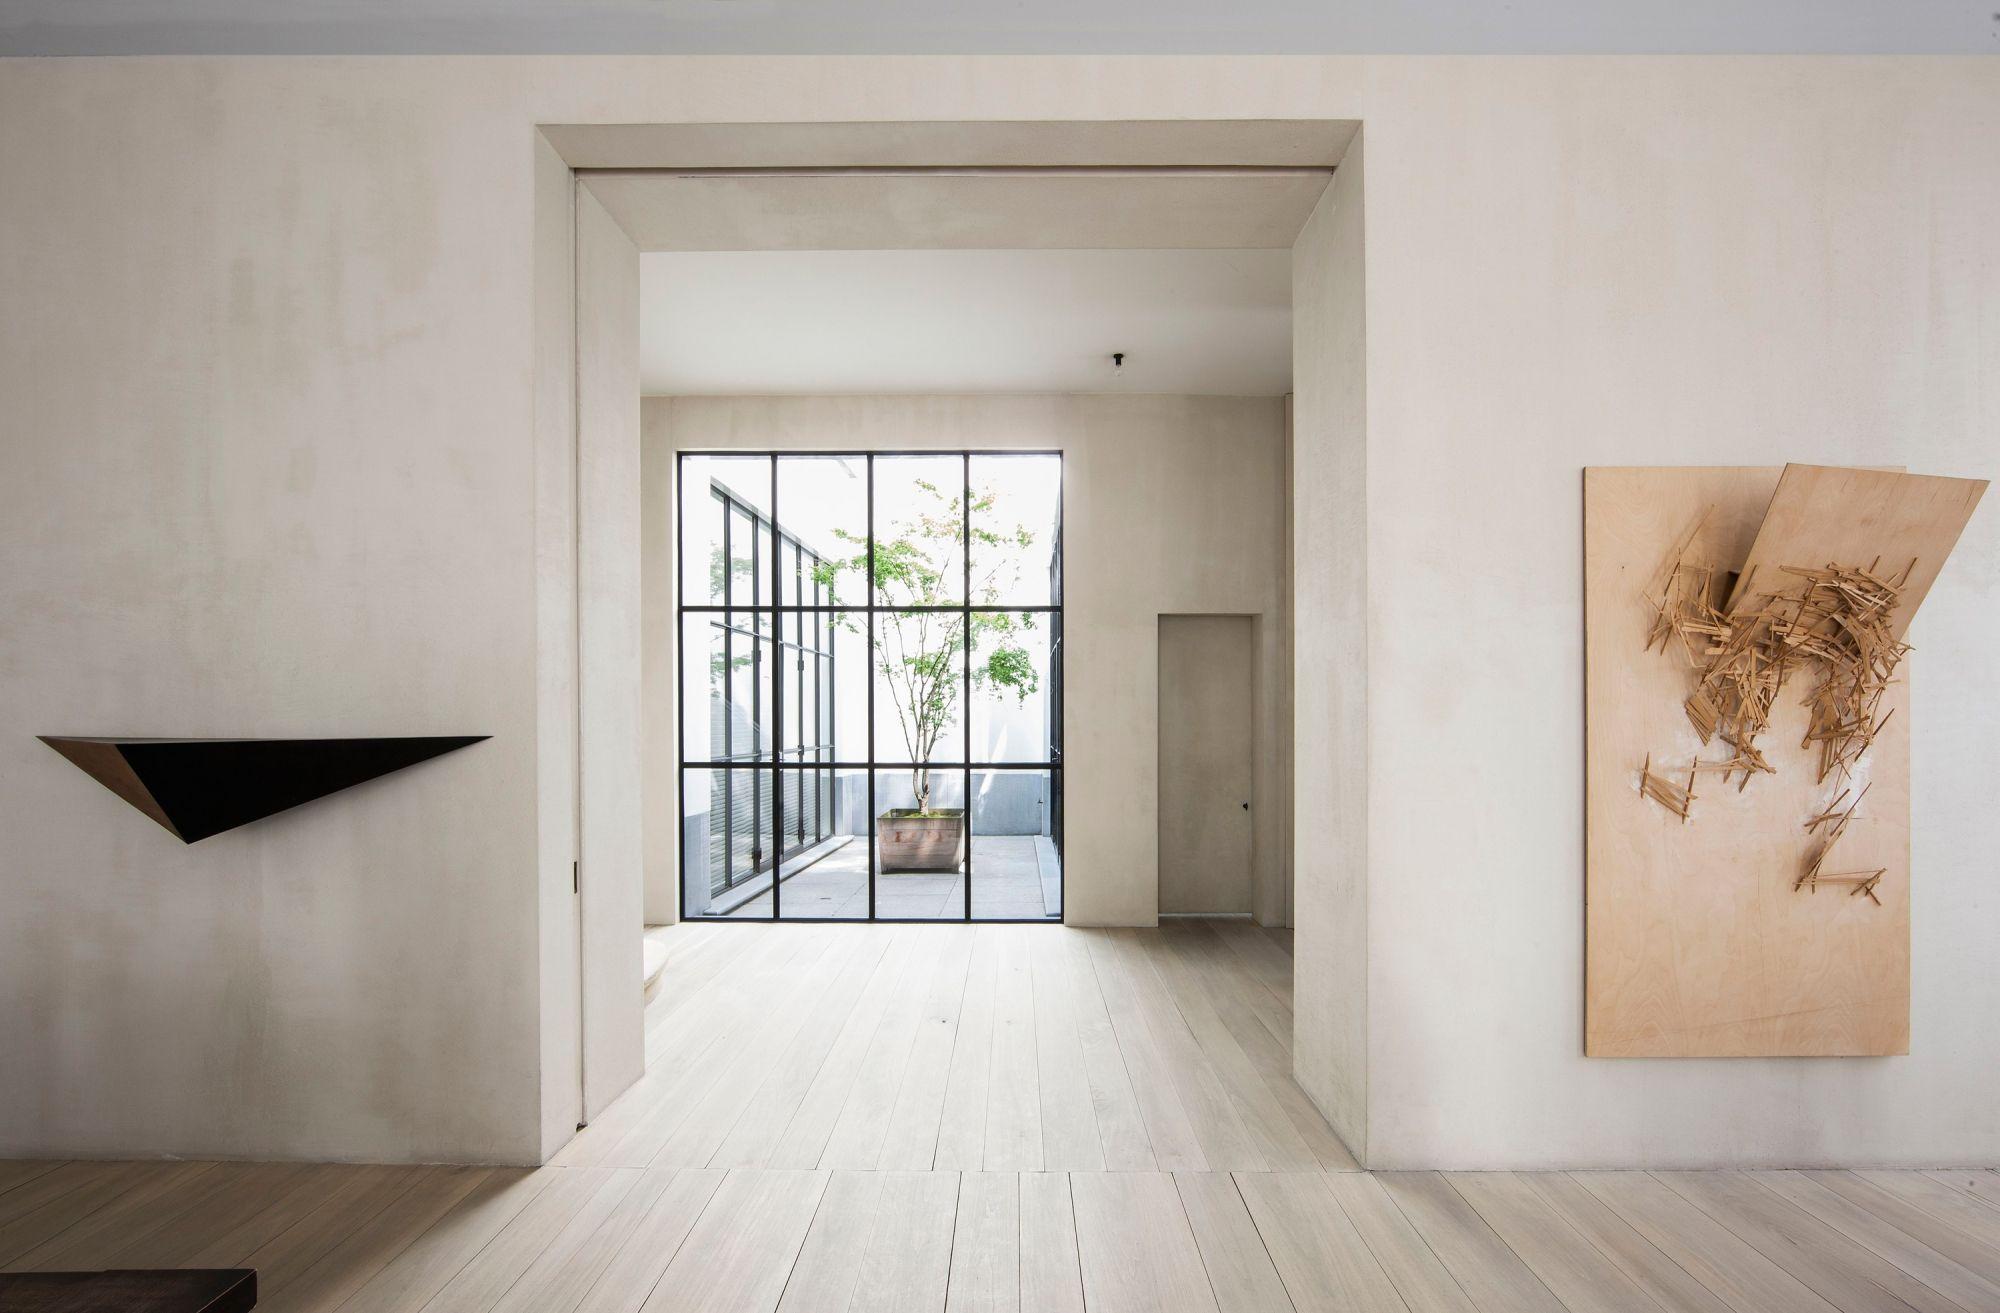 Modernes bungalow innenarchitektur wohnzimmer home  vincent van duysen  doors  pinterest  häuschen